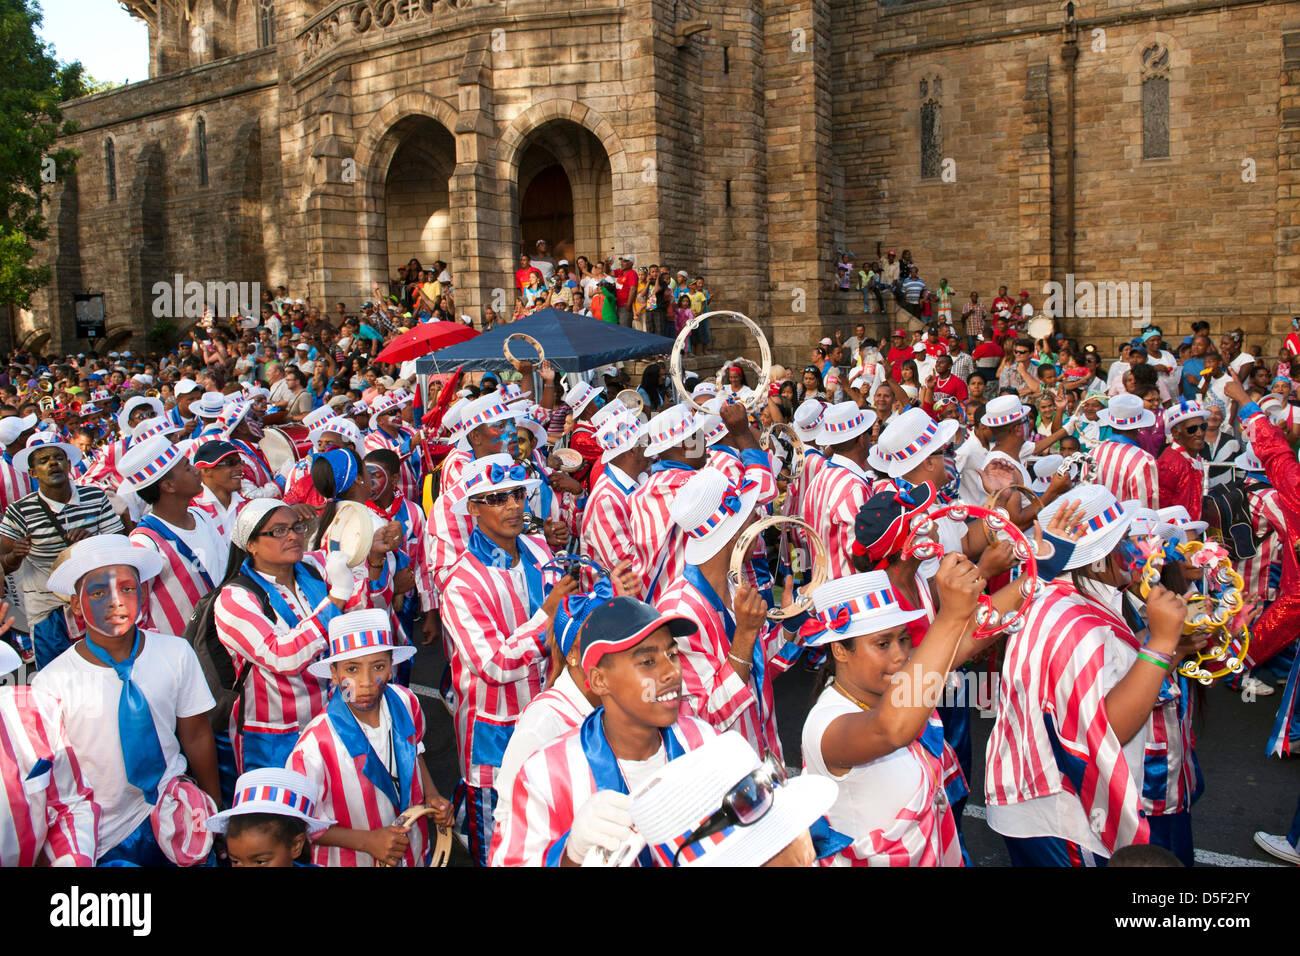 Il Cape Minstrels / Kaapse Klopse parade si tiene ogni anno il 2 gennaio a Cape Town, Sud Africa. Immagini Stock